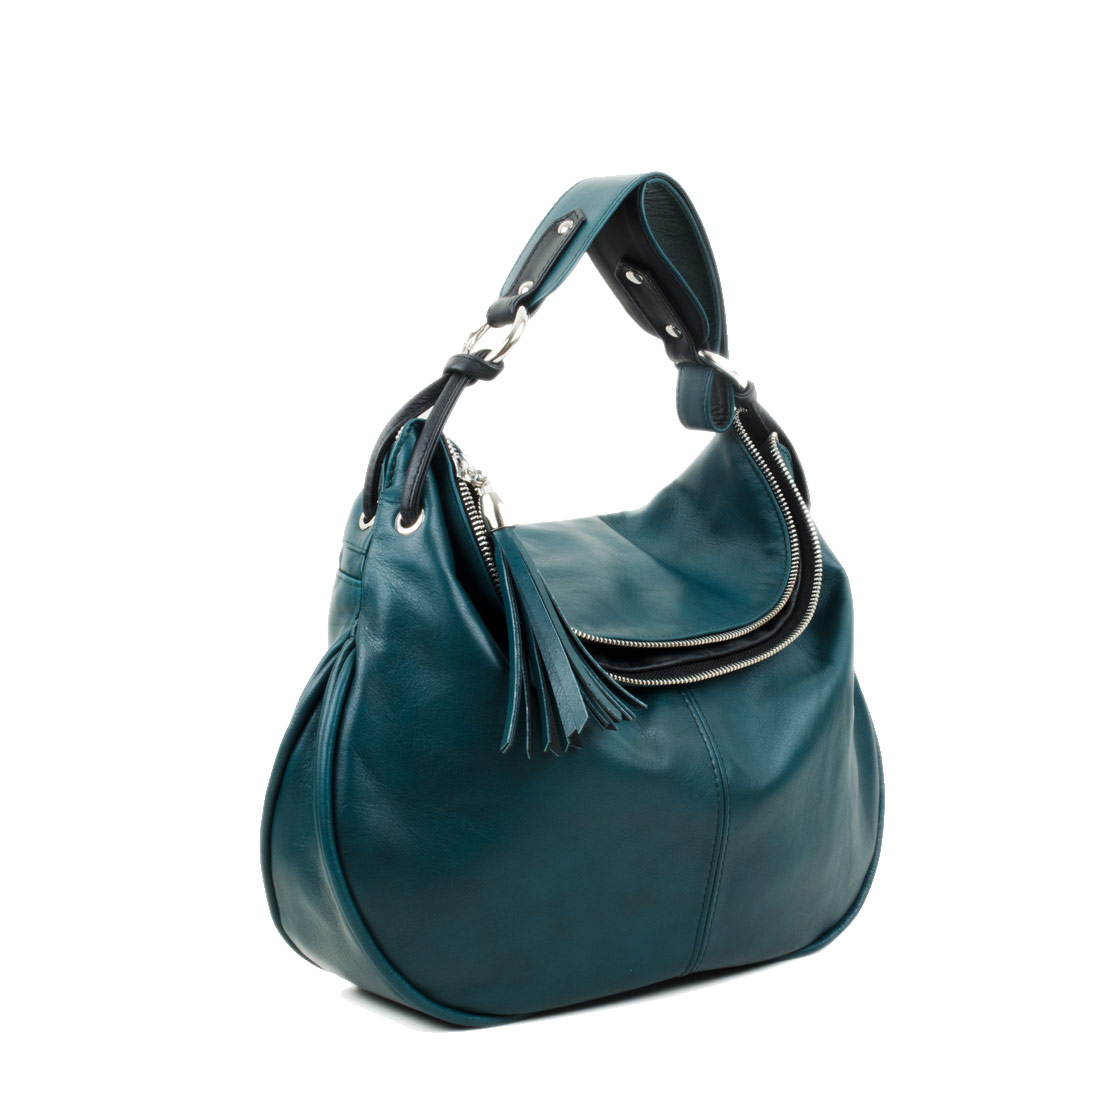 Matilda Teal Leather Shoulder Bag